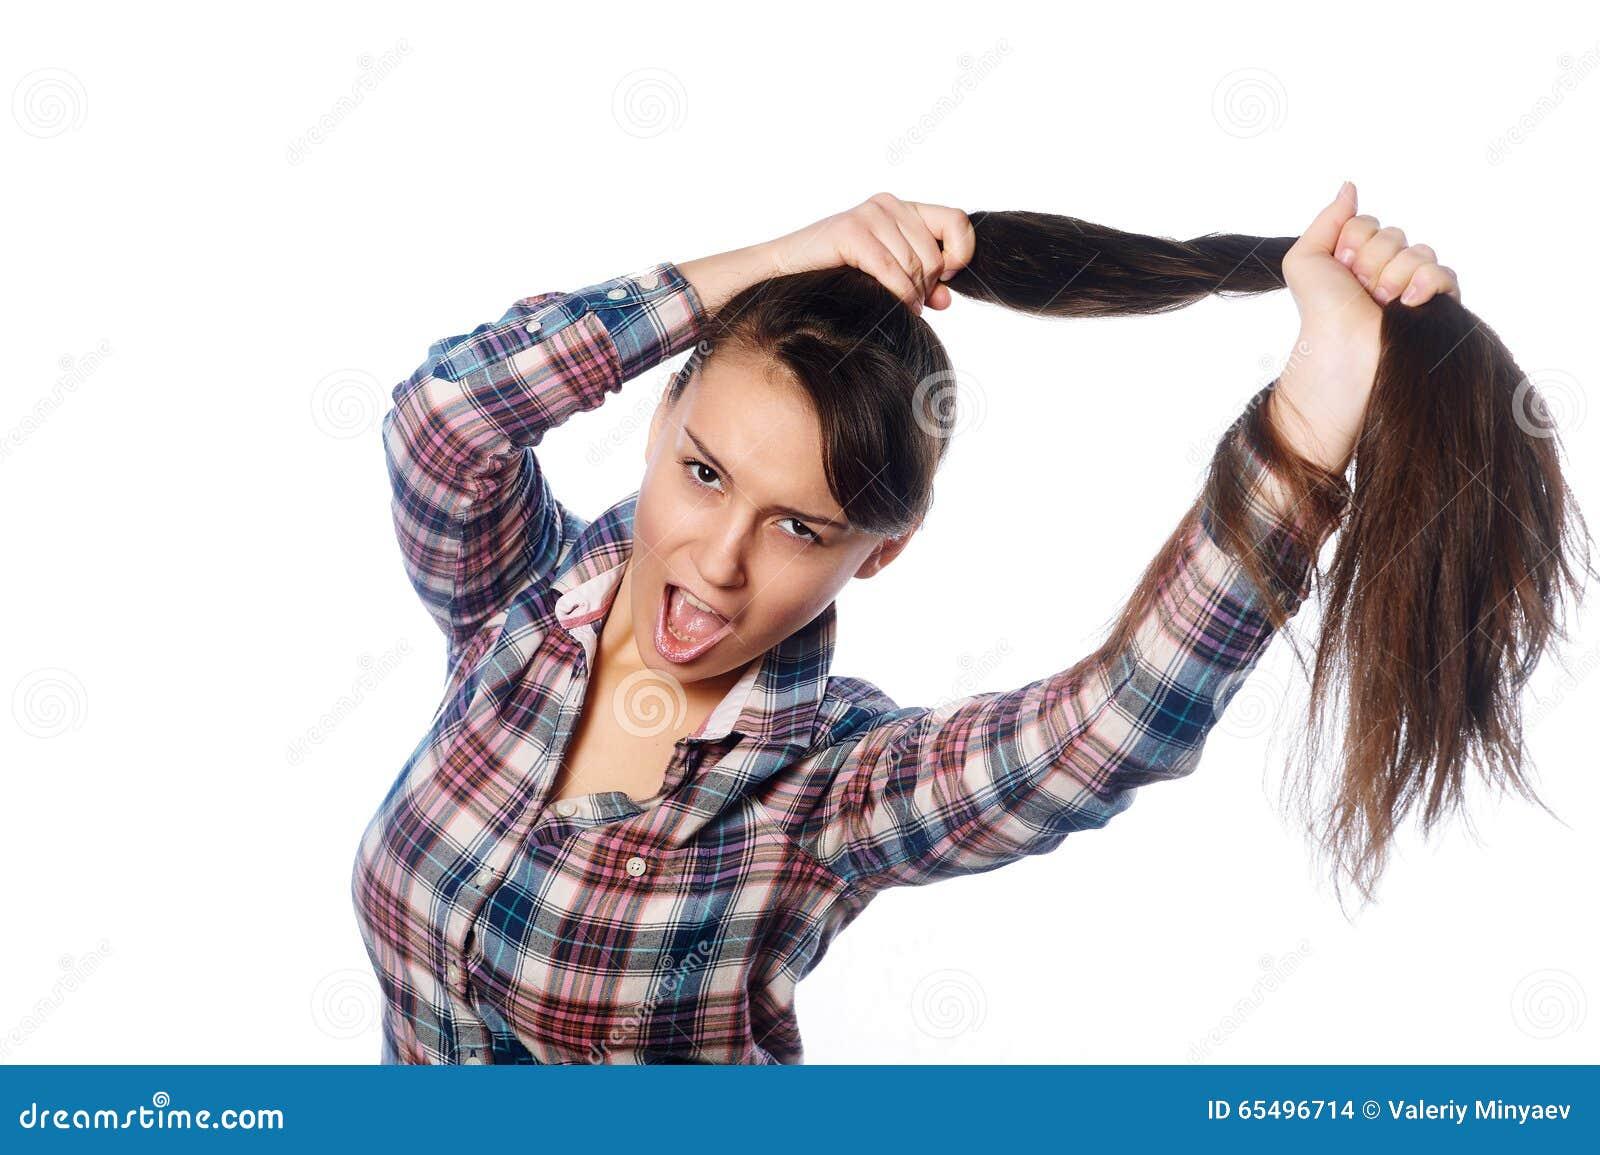 握她在马尾辫的可笑的快乐的女孩长的头发在白色背景